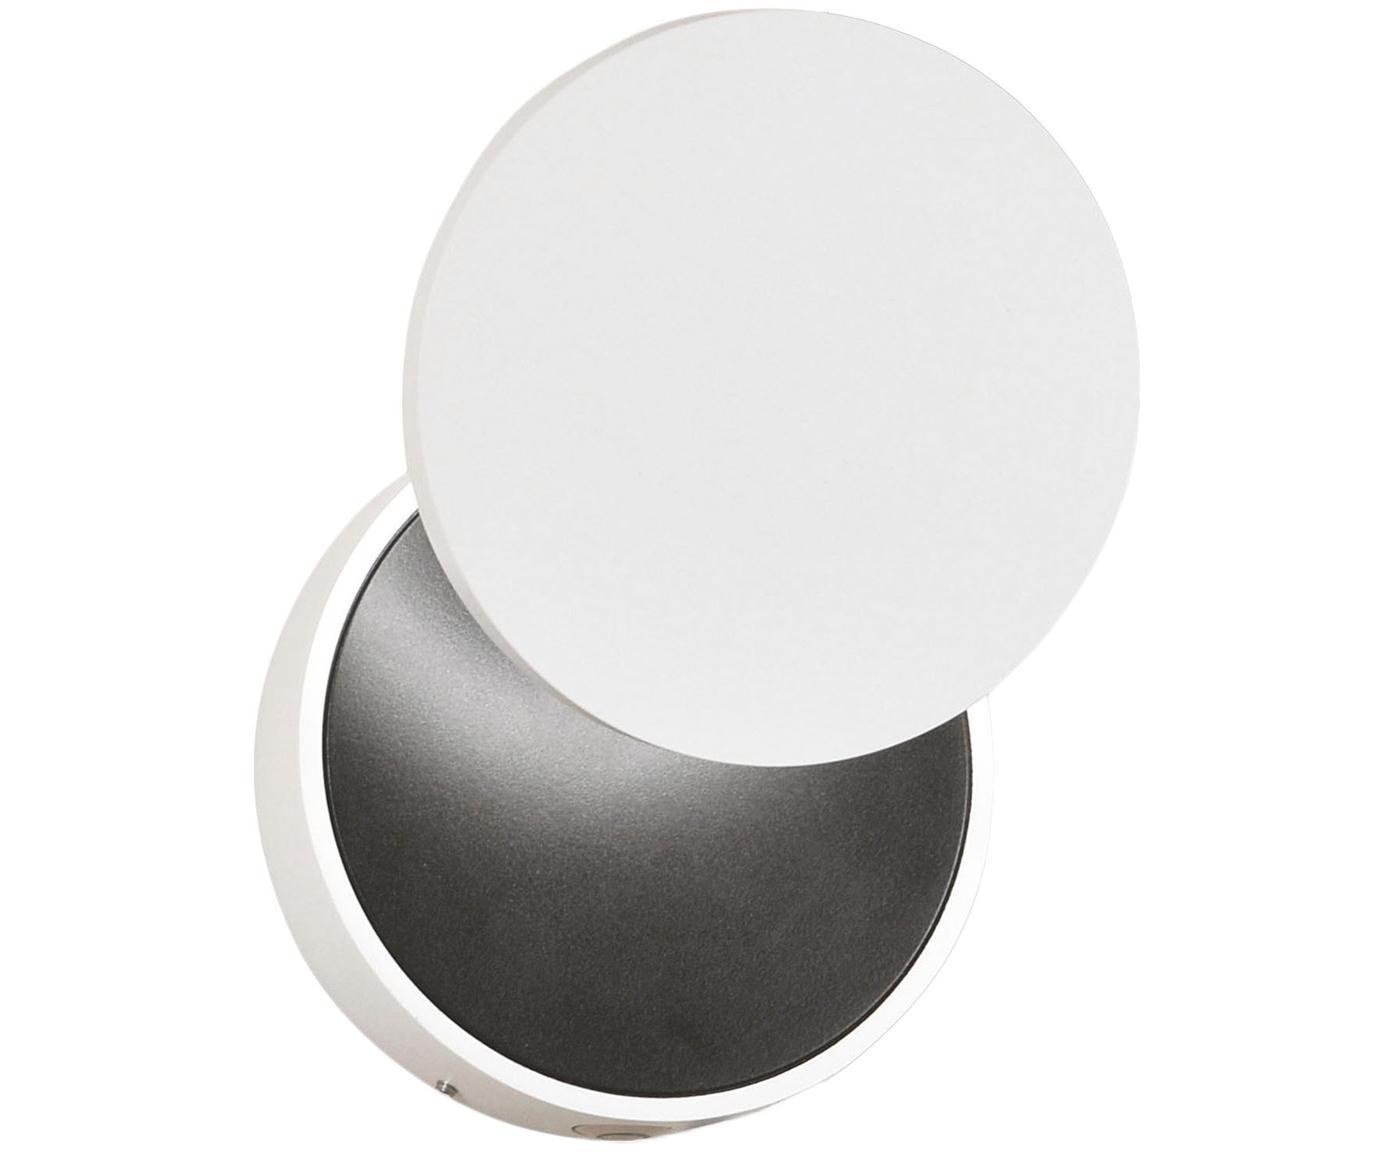 Dimmbare Wandleuchte Ara, Weiss, Schwarz, Ø 12 x H 18 cm